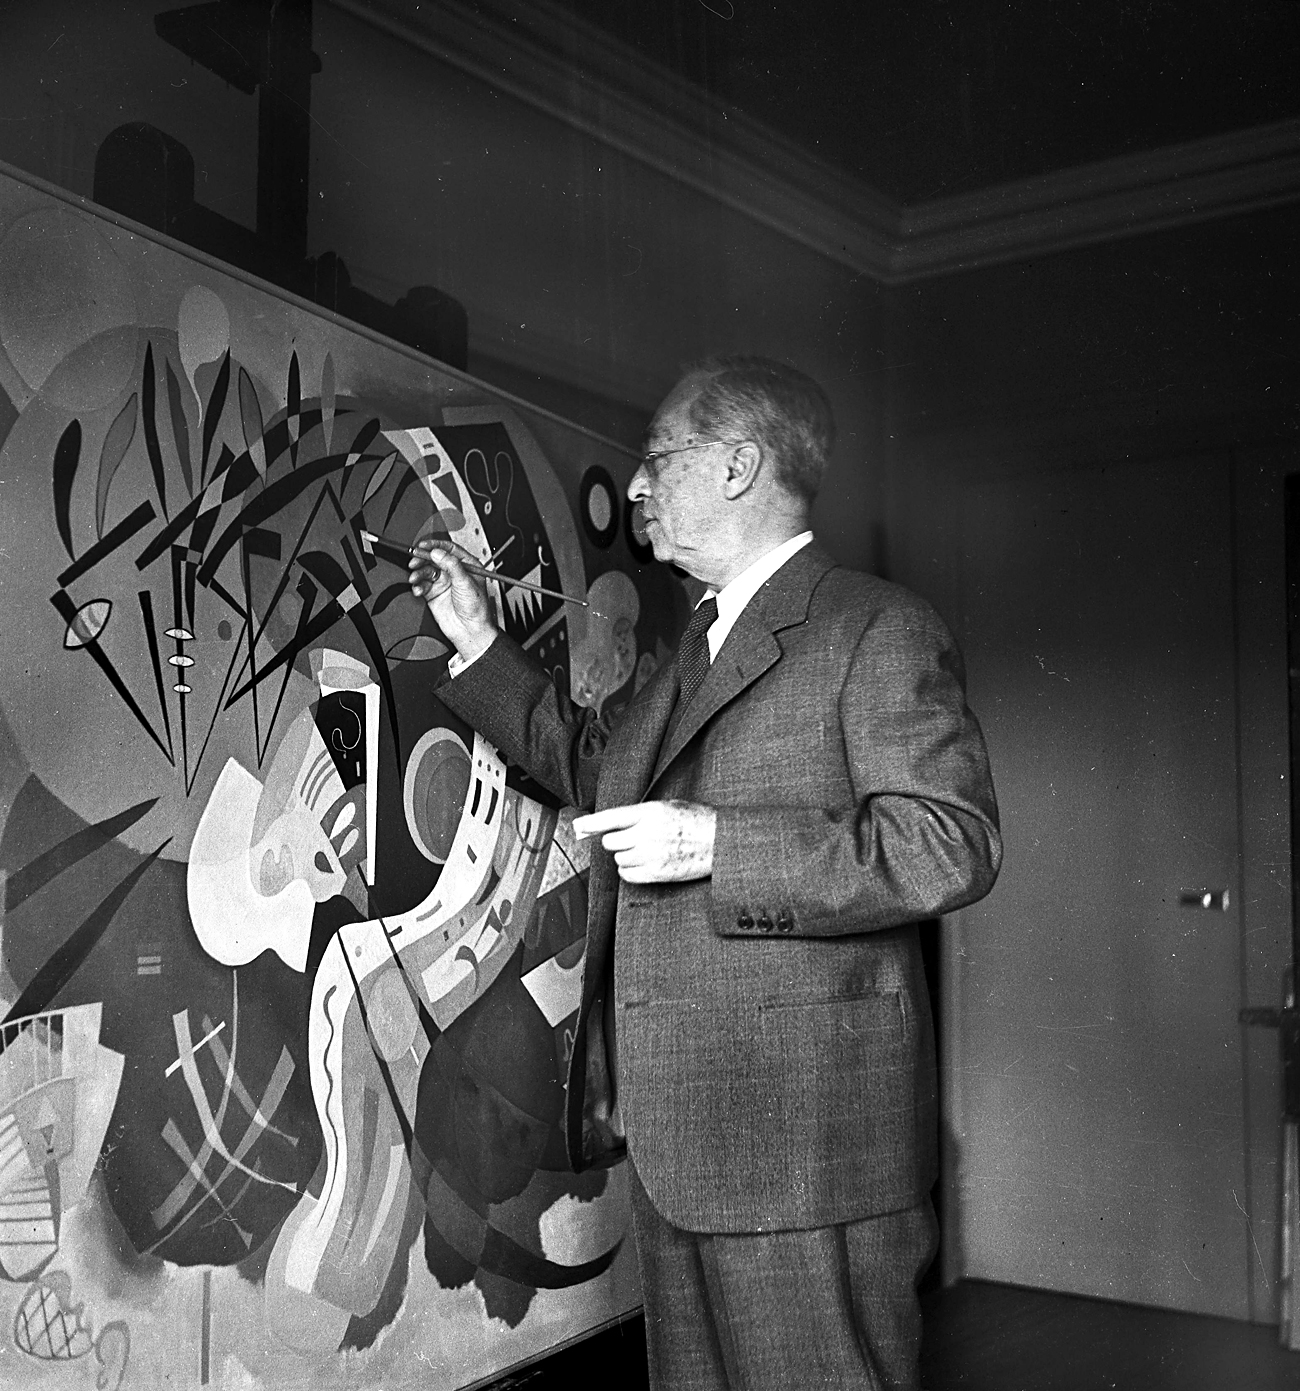 Kandinsky teve diversas obras escondidas durante a URSS por não representar ideias da época